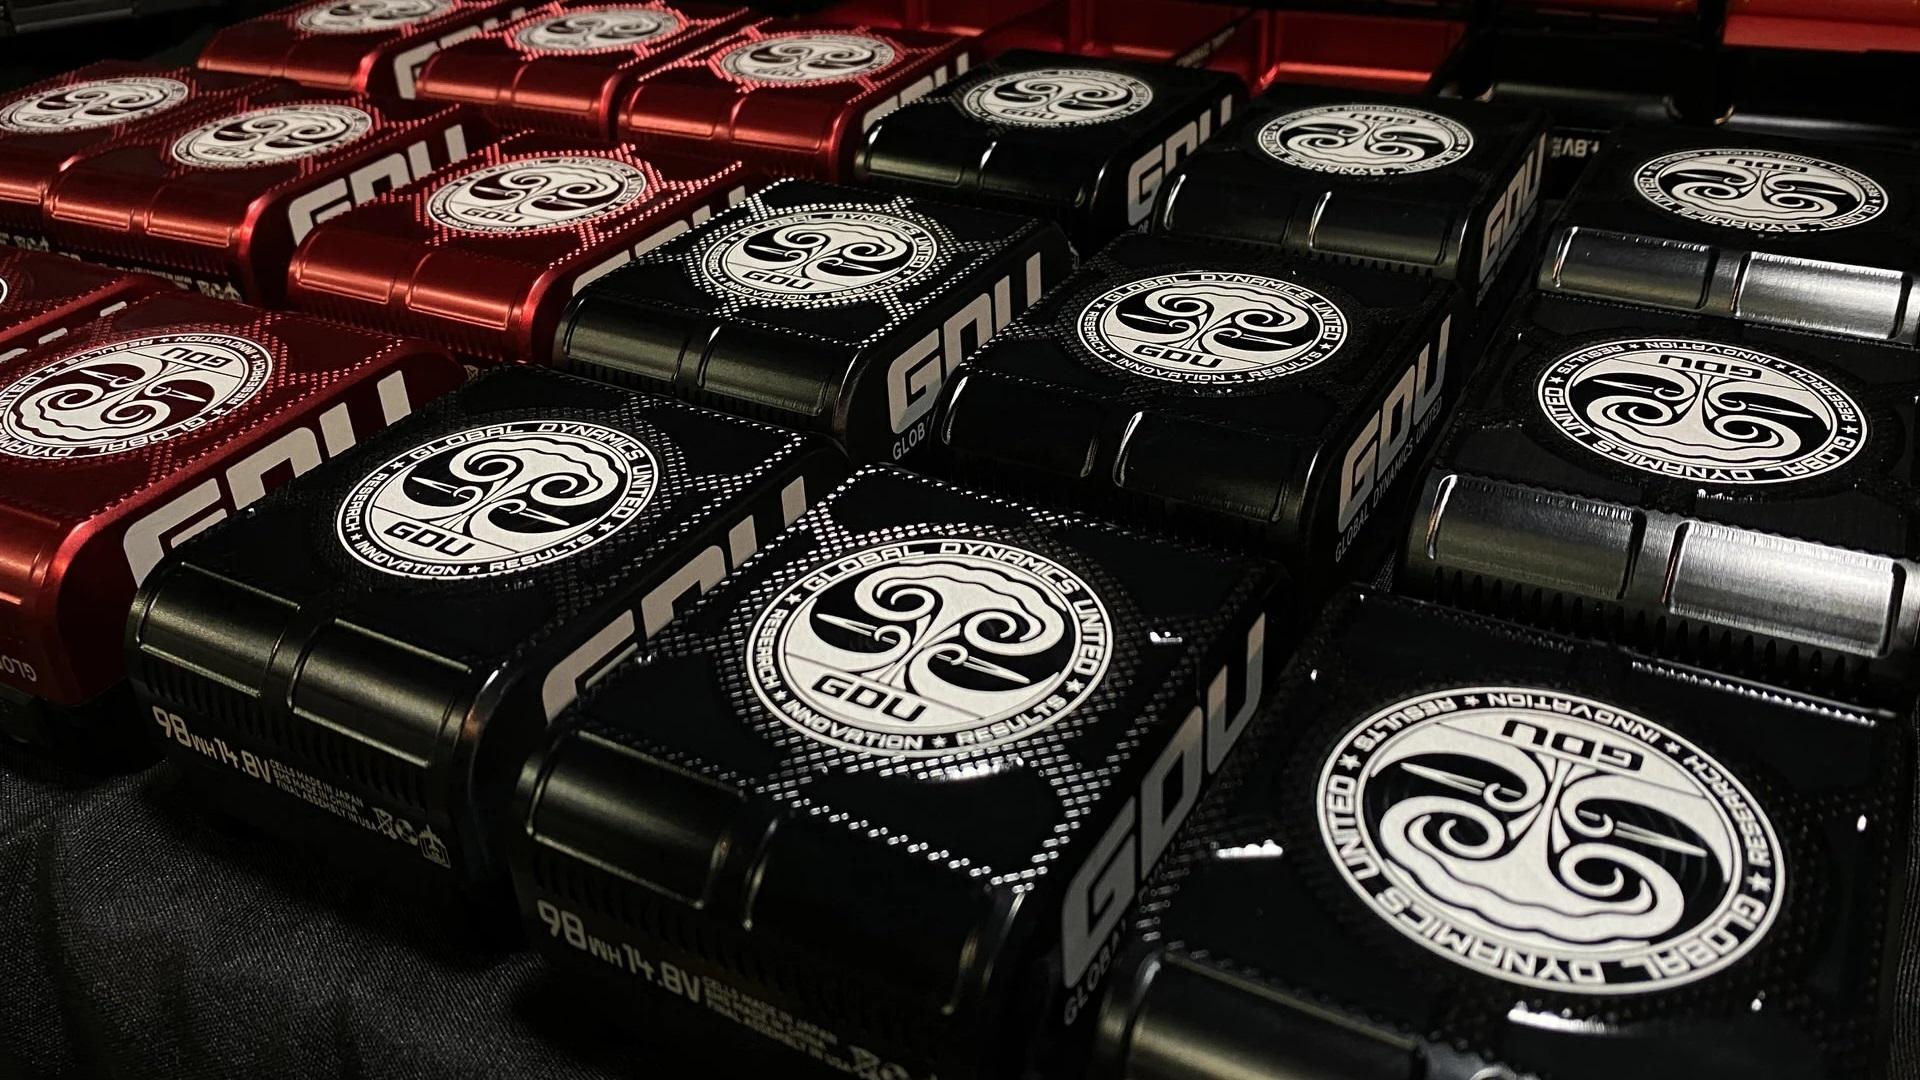 Baterías GDU Mini V-Lock - 98 Wh con tapa de aluminio